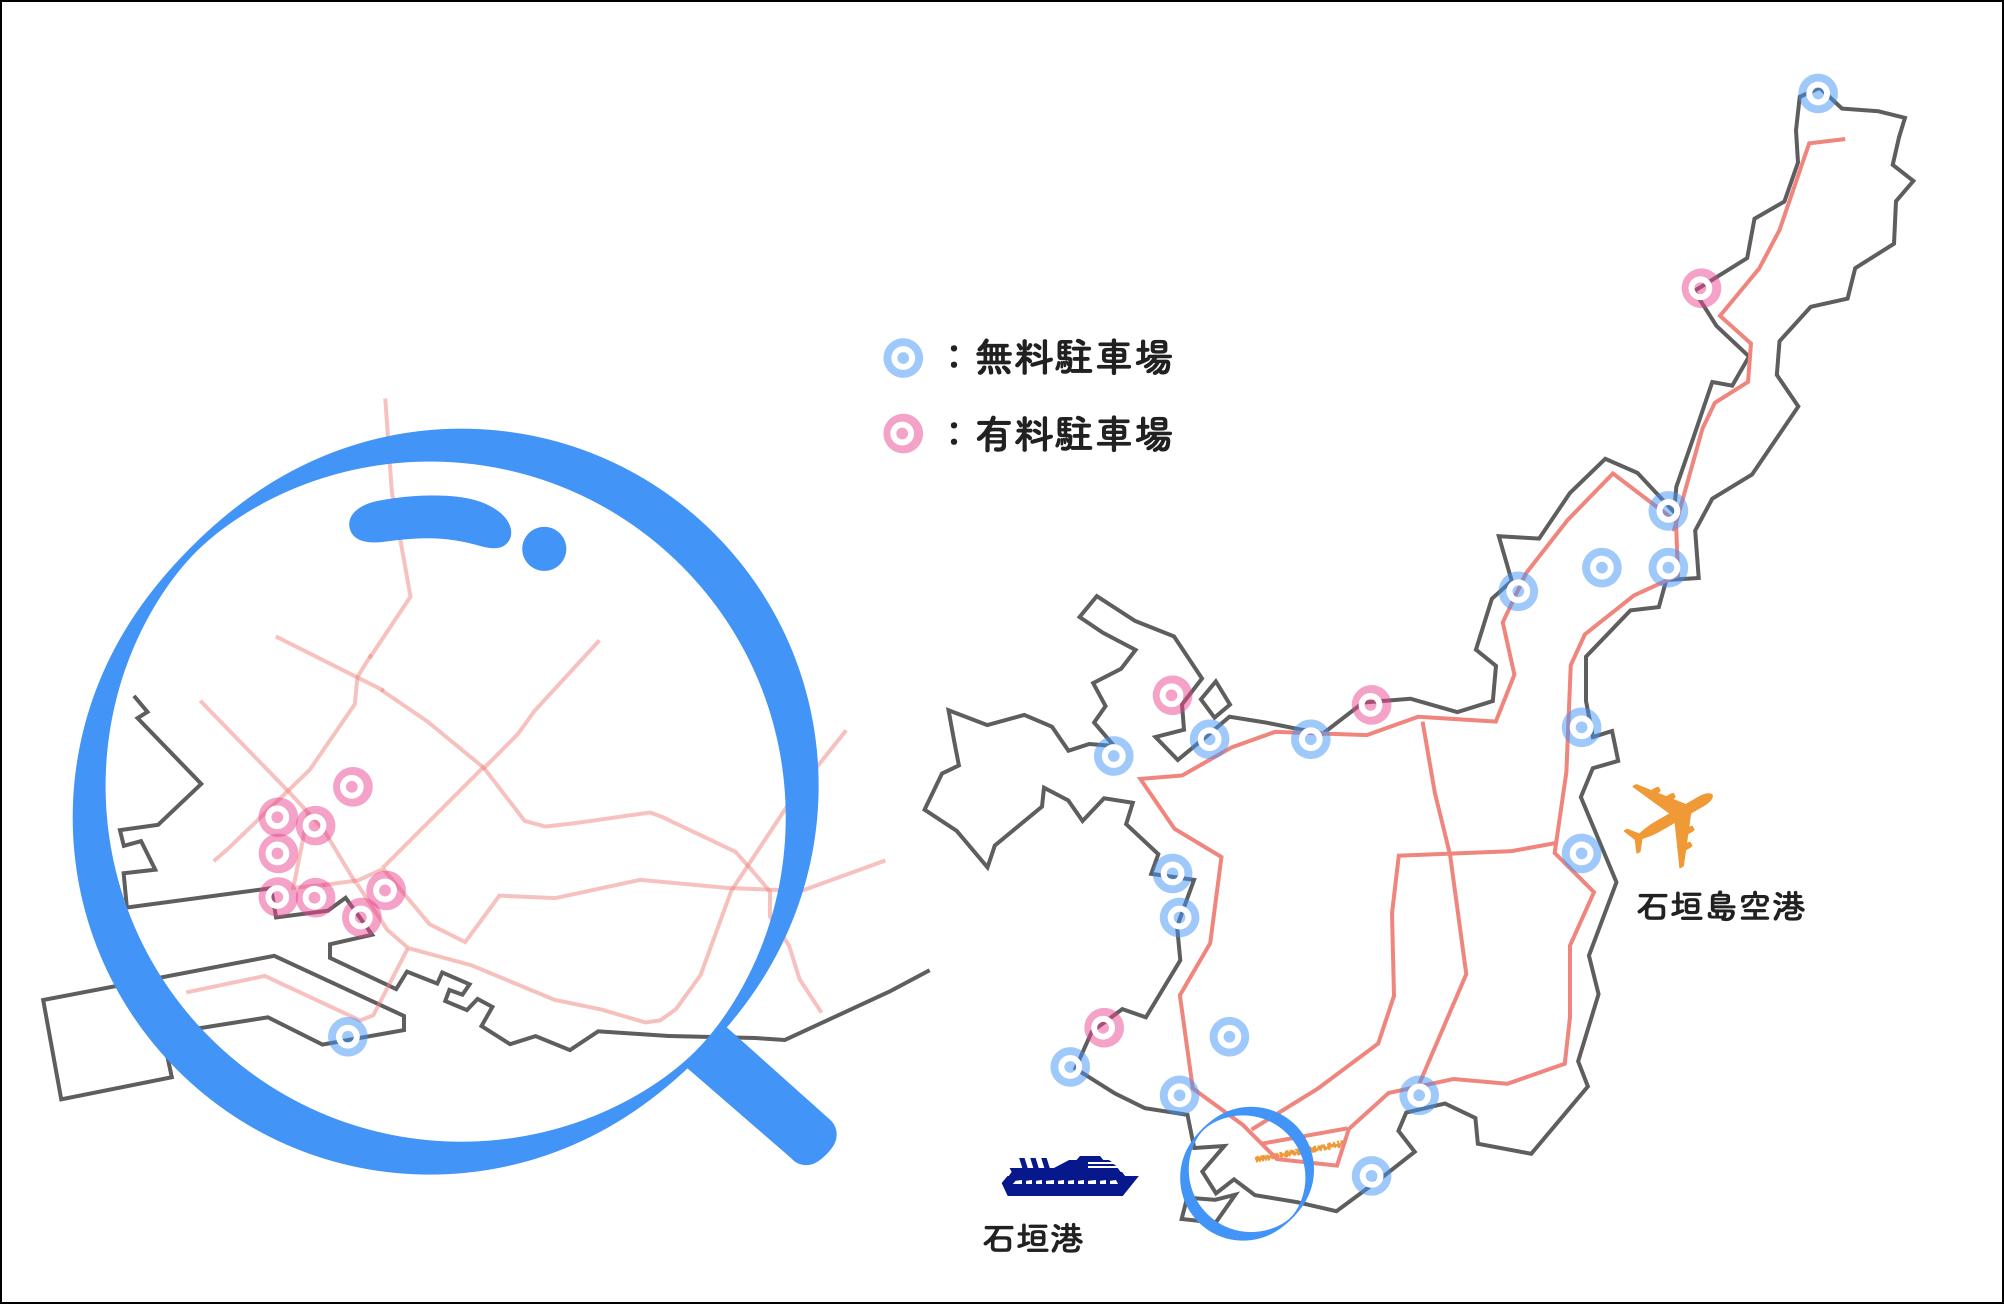 石垣島 駐車場 全体マップ